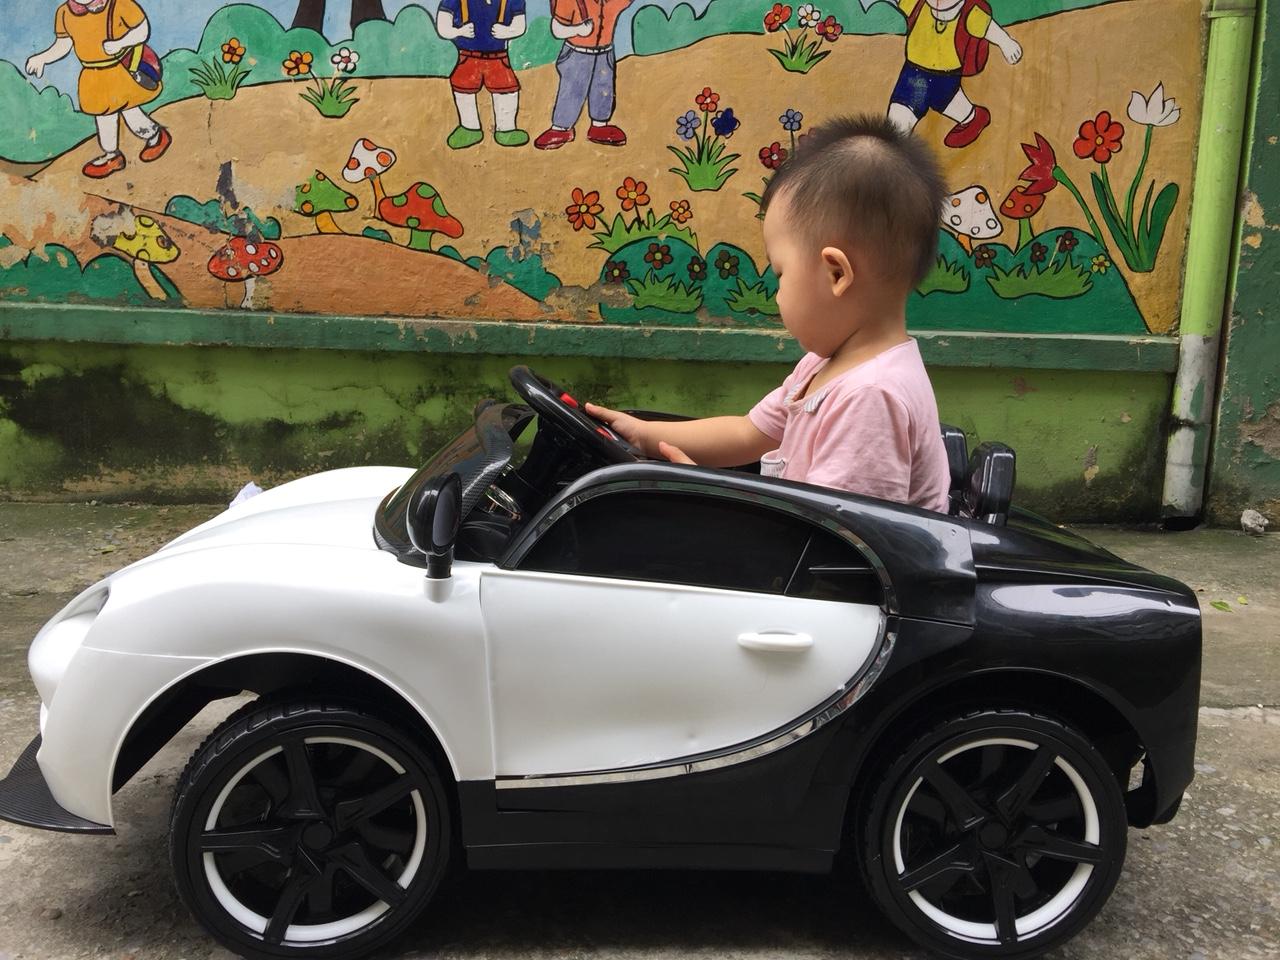 xe ô tô điện trẻ em 911 29